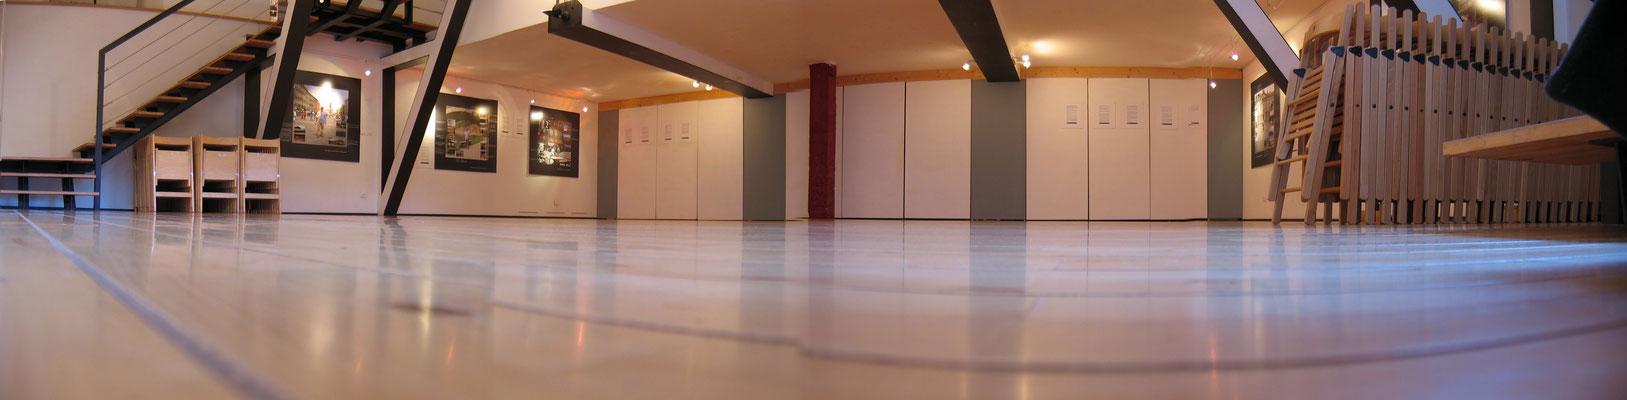 Auditorium - Panoramique, Centre des Cultures de l'Habiter [CCHa]